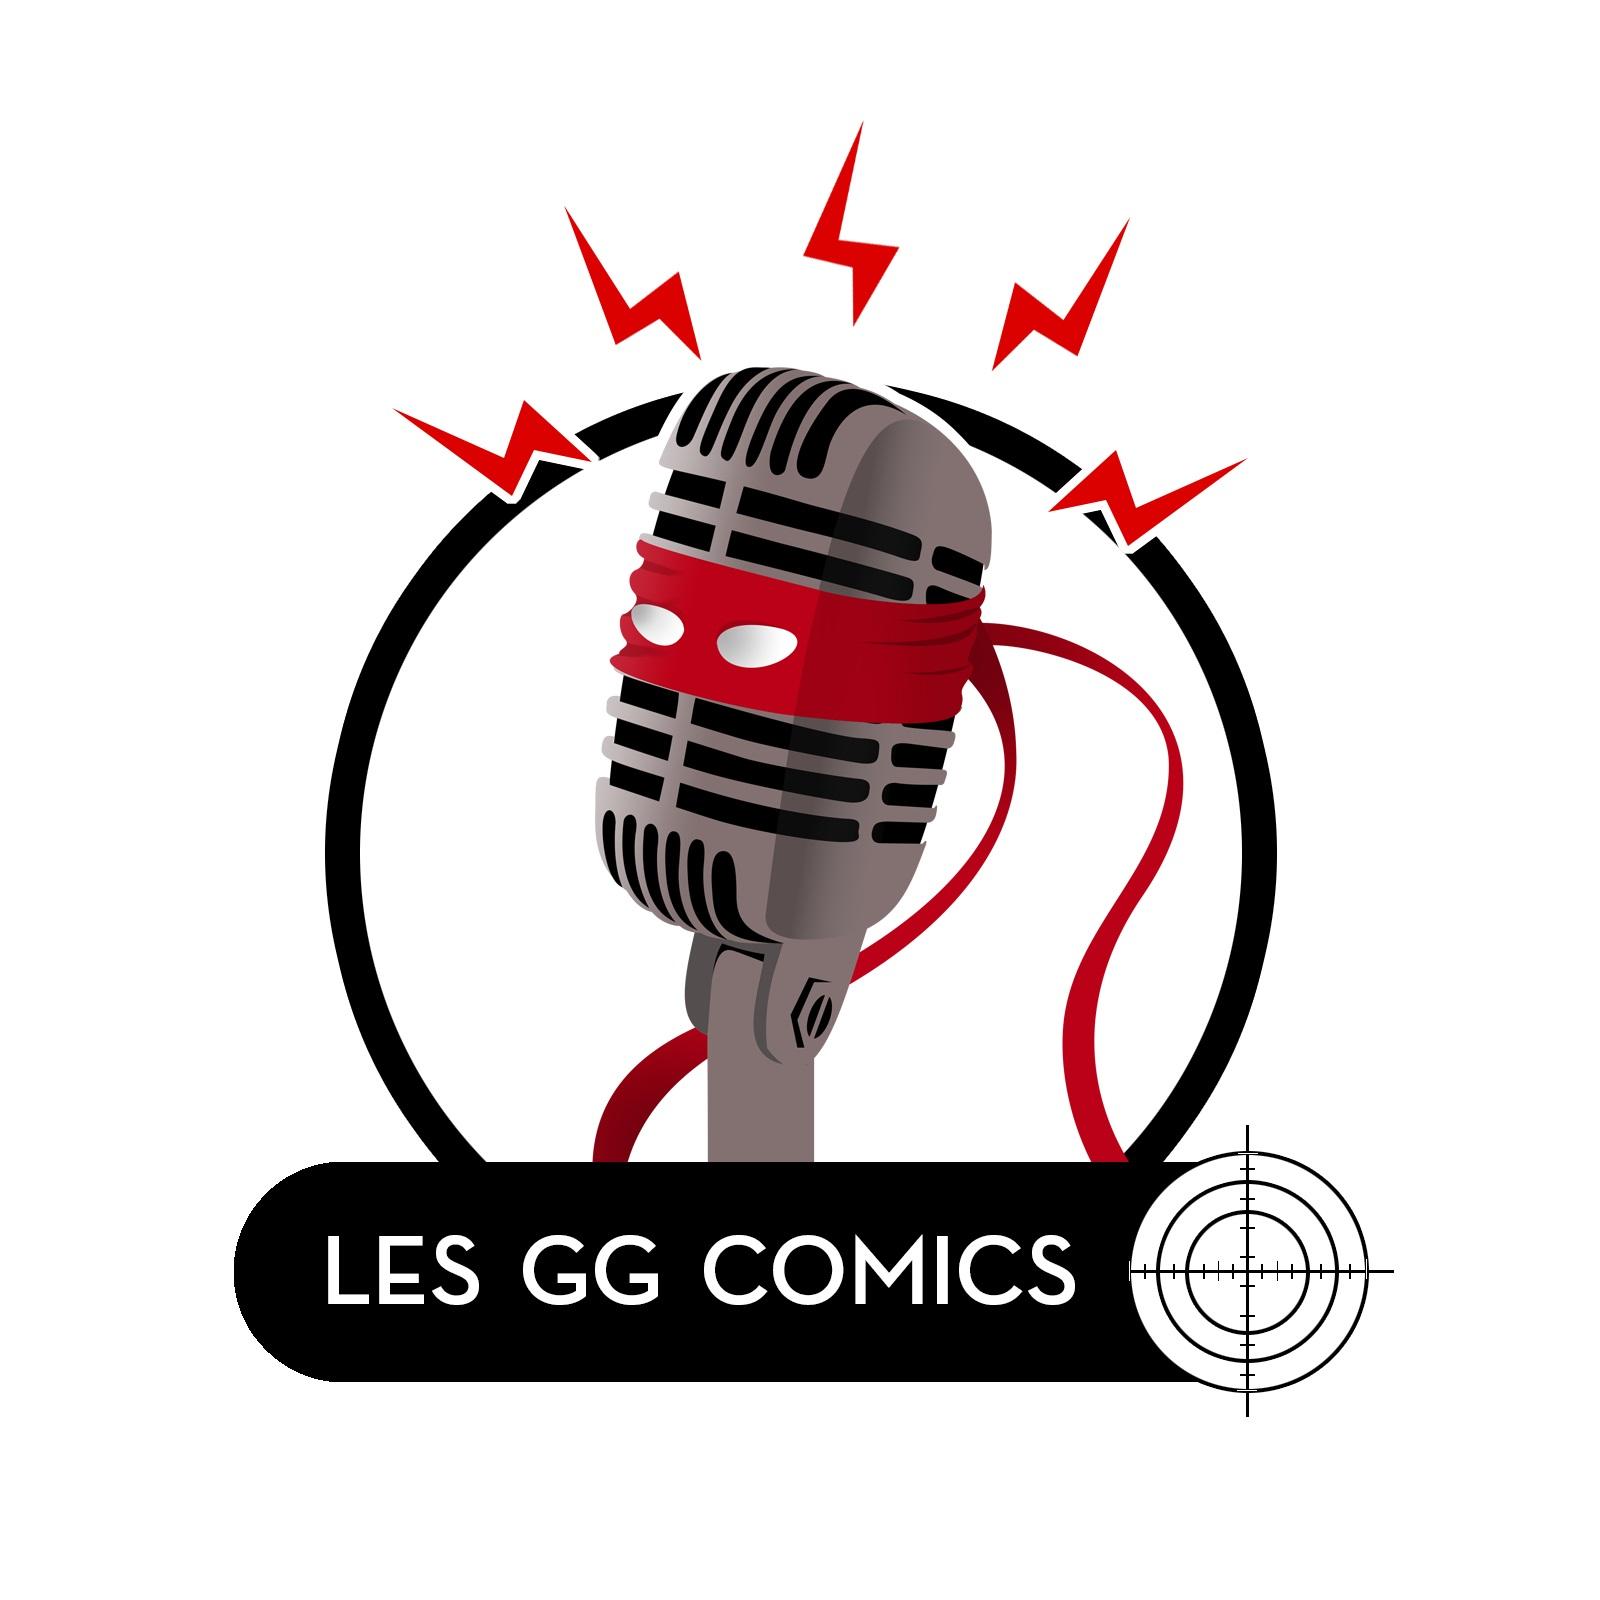 Les GG comics #052 : Les comics sont-ils encore faits pour les enfants ?